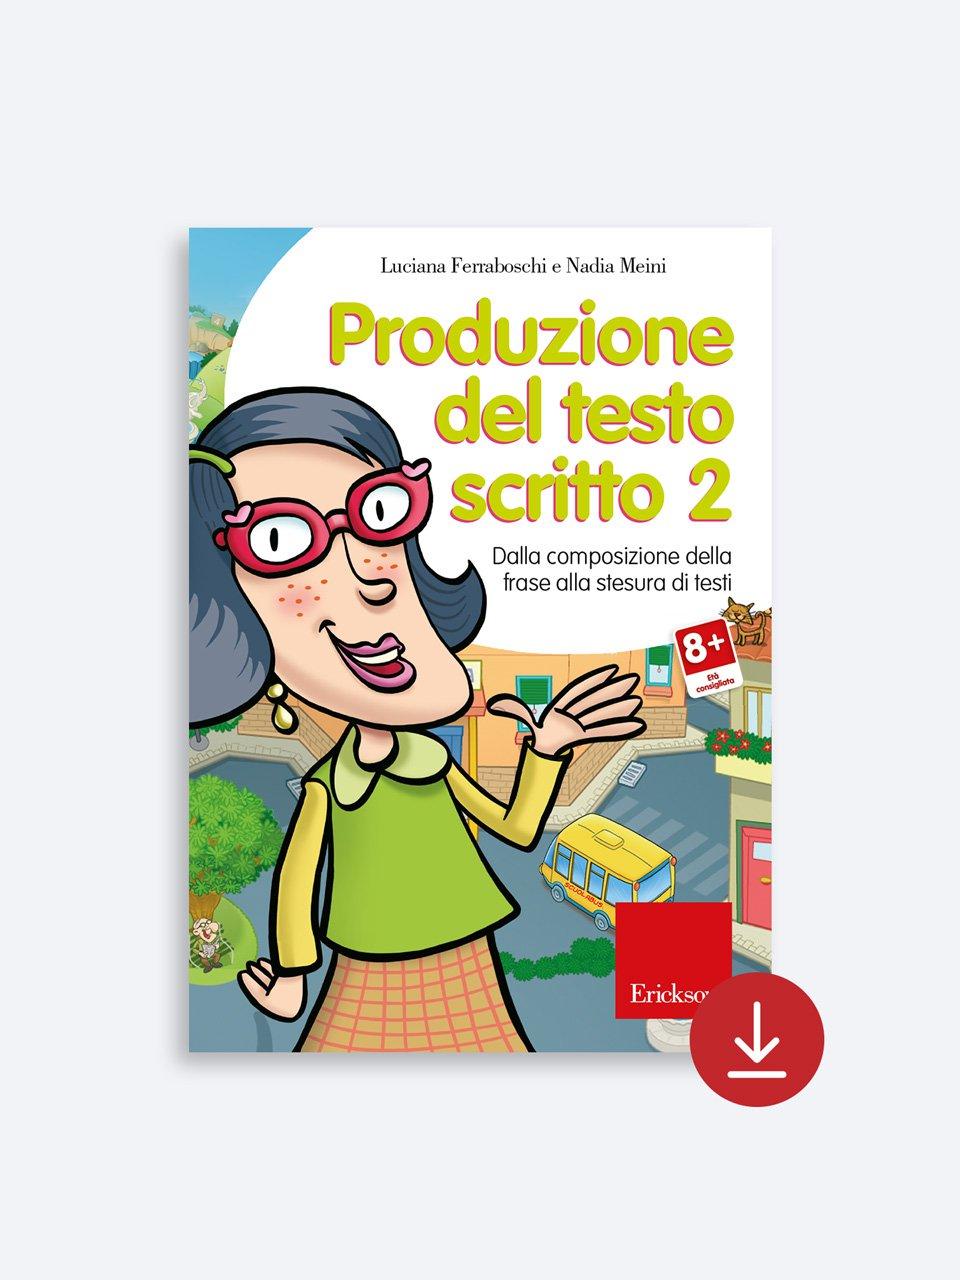 Produzione del testo scritto - Livello 2 - Luciana Ferraboschi - Erickson 2